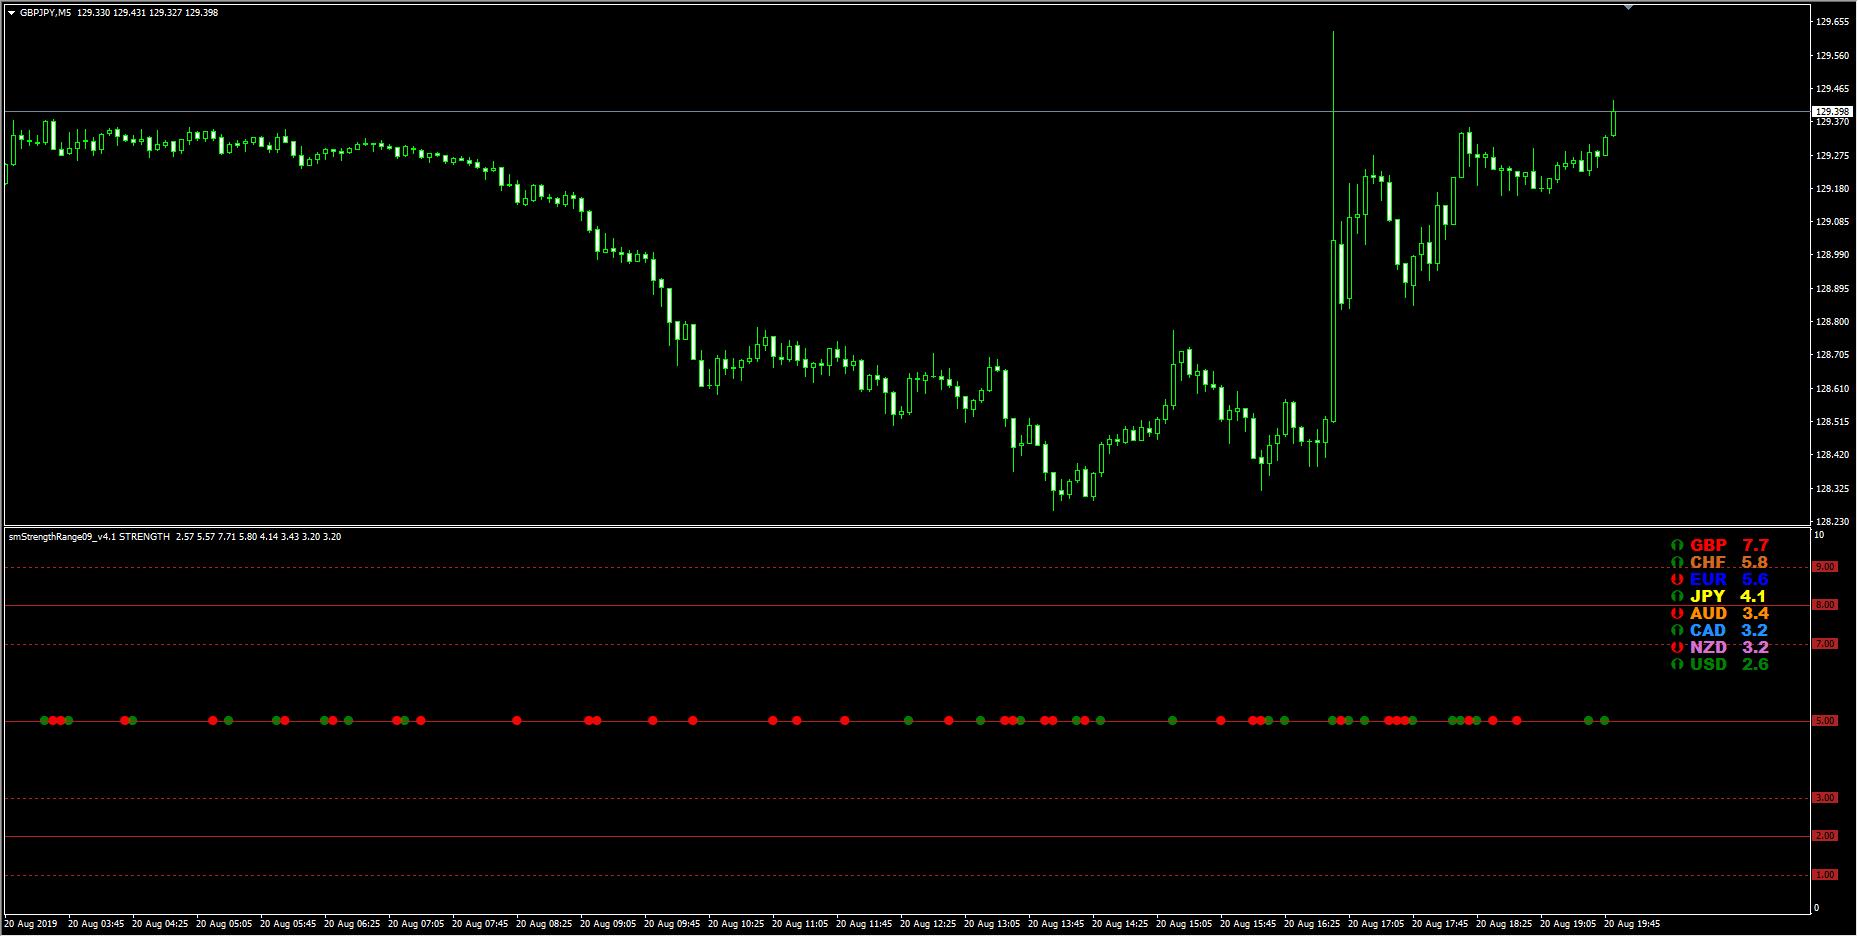 smStrengthRange09_v4.1 中央ライン上の赤と緑のシグナル